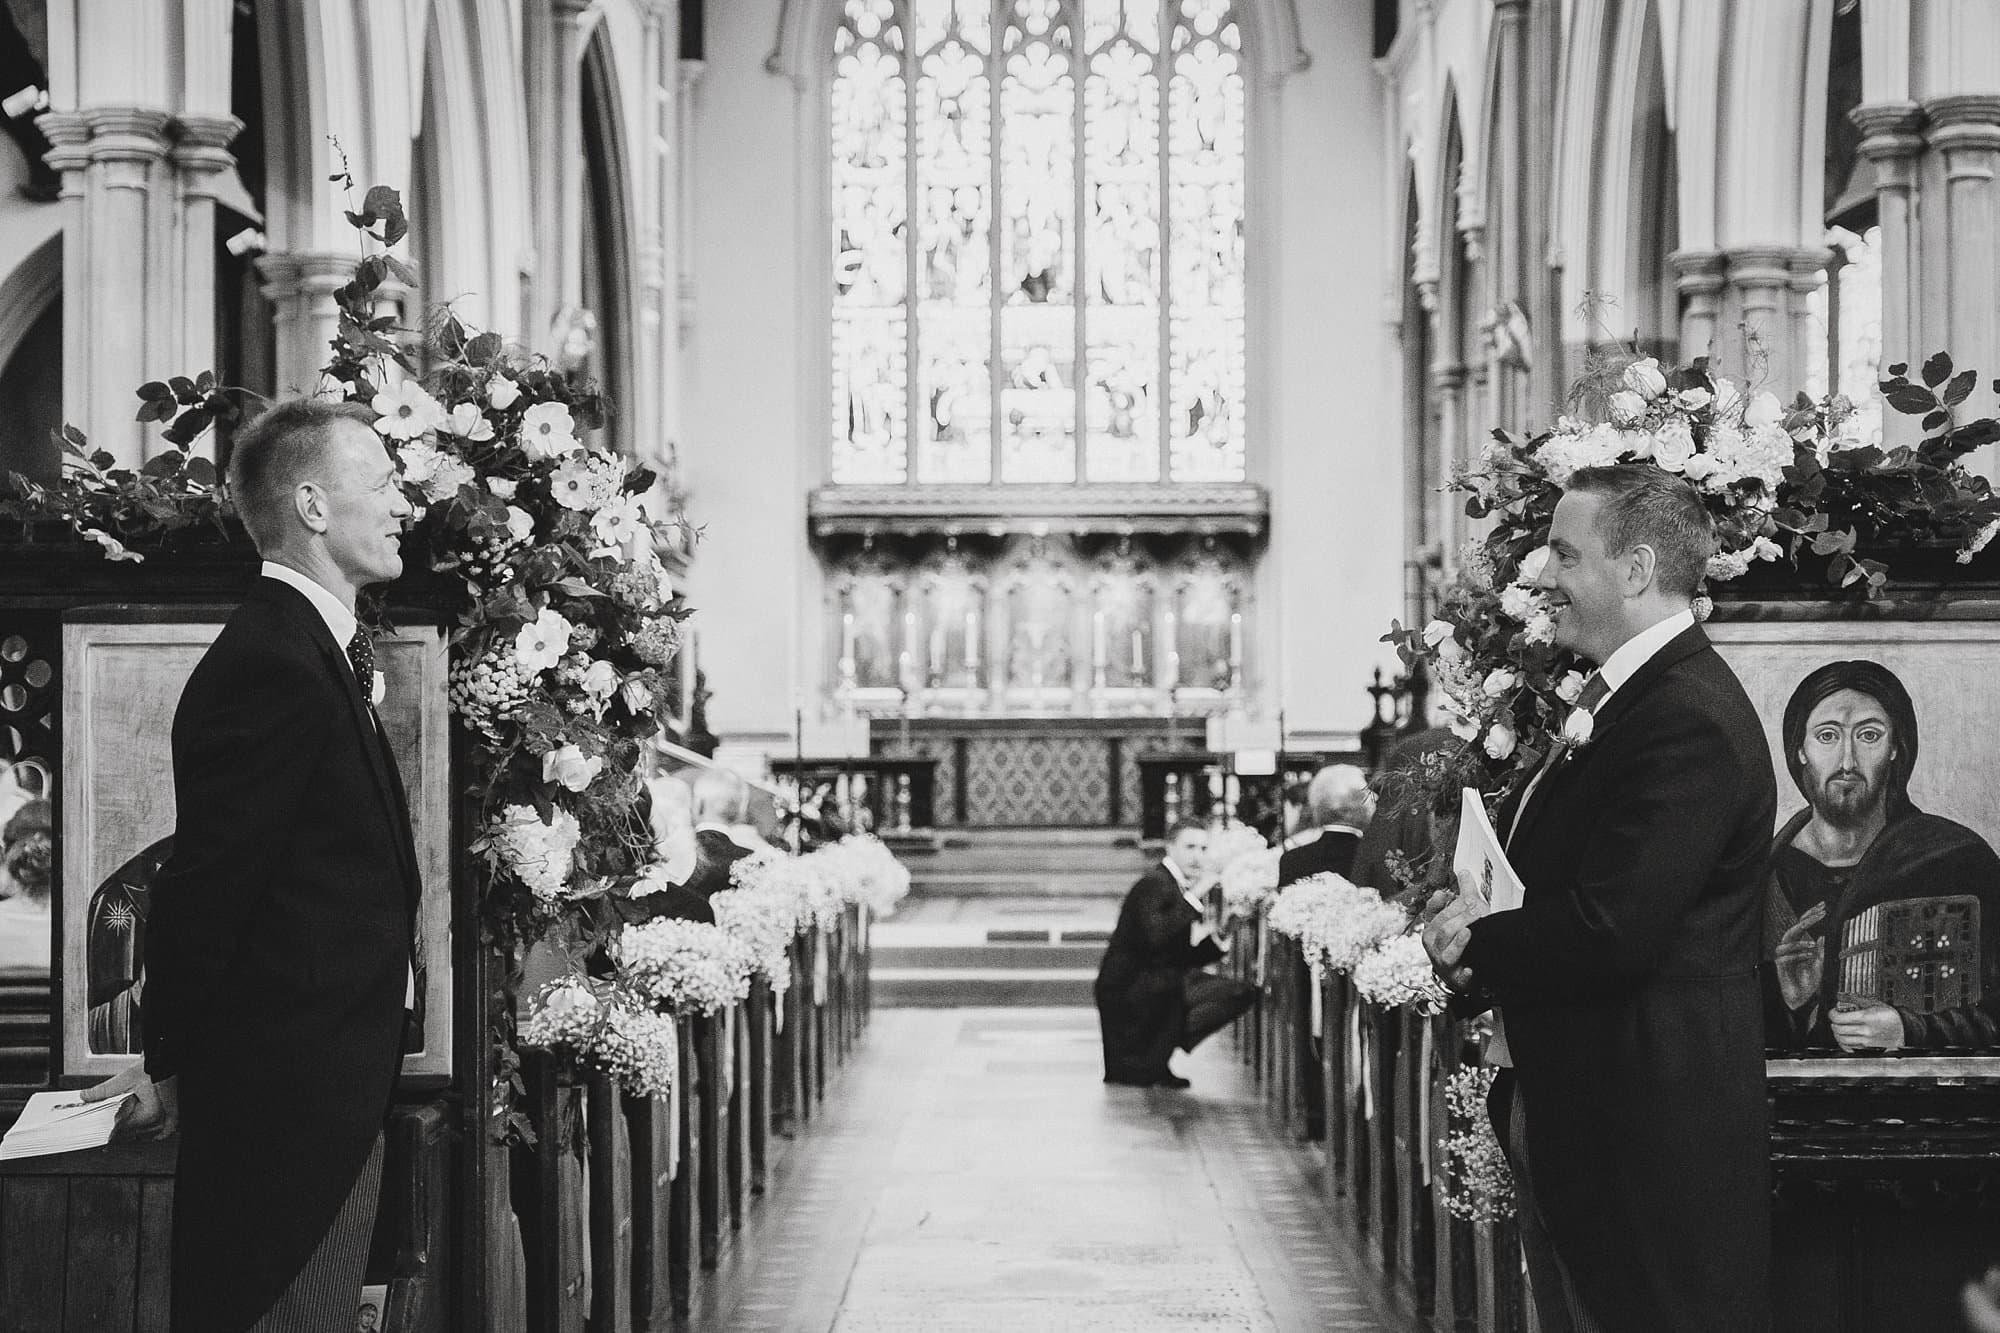 fulham palace wedding photographer 024 - Rosanna & Duncan's Fulham Palace Wedding